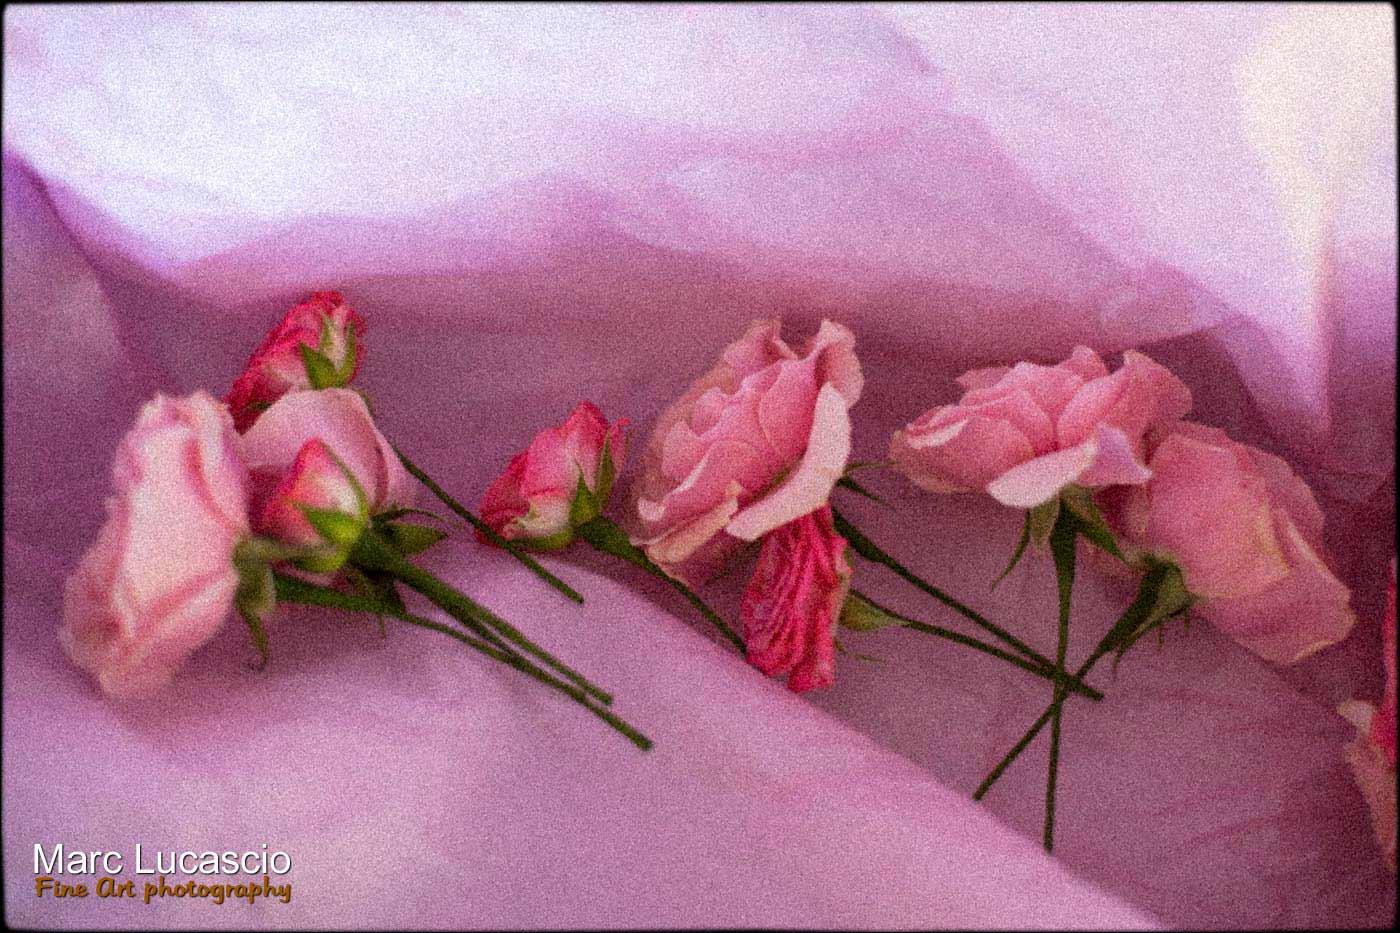 Les fleurs du mariage